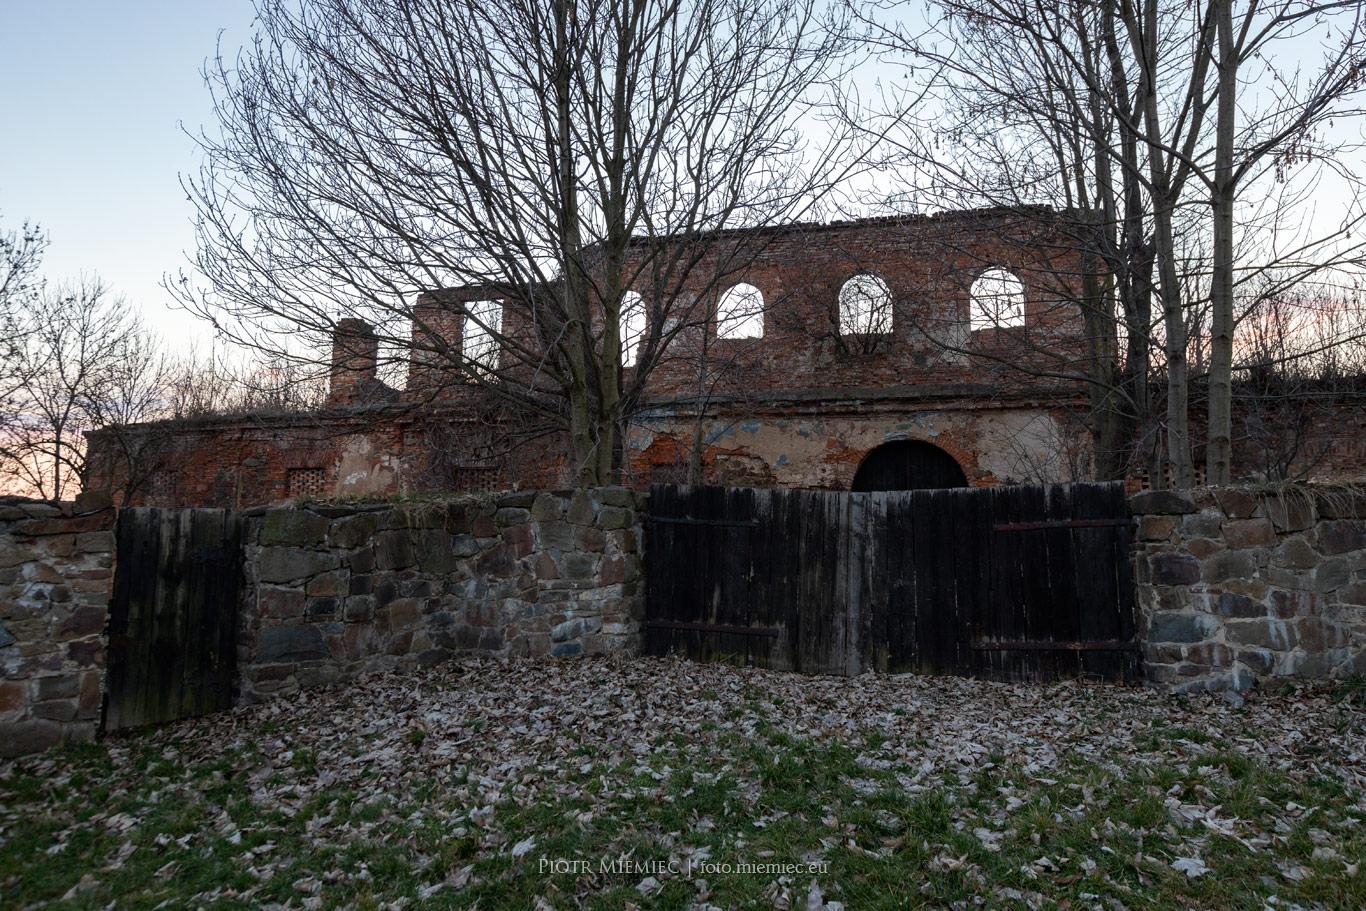 Ruiny zamku Vrbnów w Nowej Cerekwi